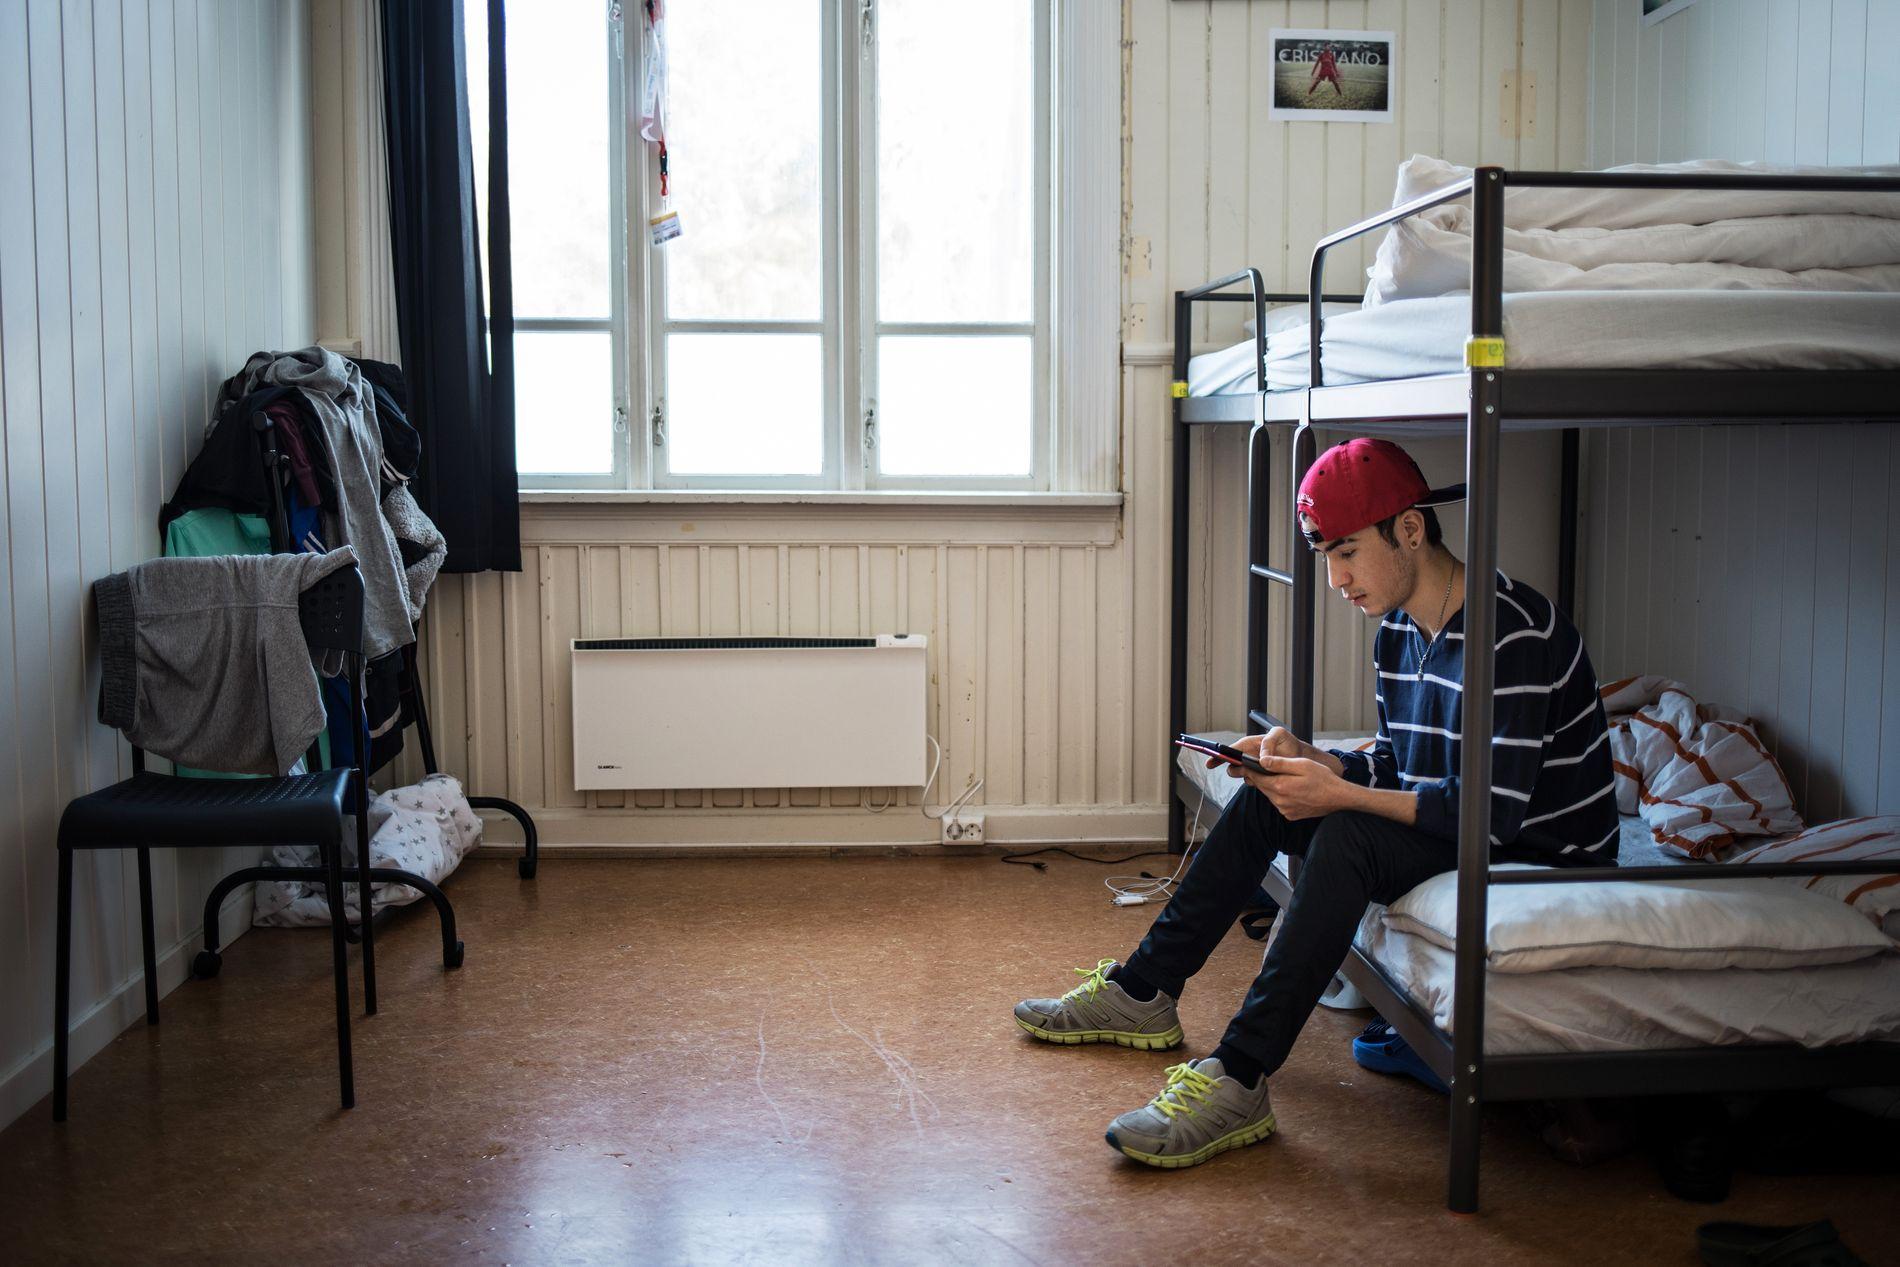 VET IKKE: Sina kom til Norge høsten 2015, og venter på vedtak i asylsøknaden sin. «Vi har et bra liv her. Men vi tenker mye på om vi får svar, om det kommer og når det kommer», sier han.